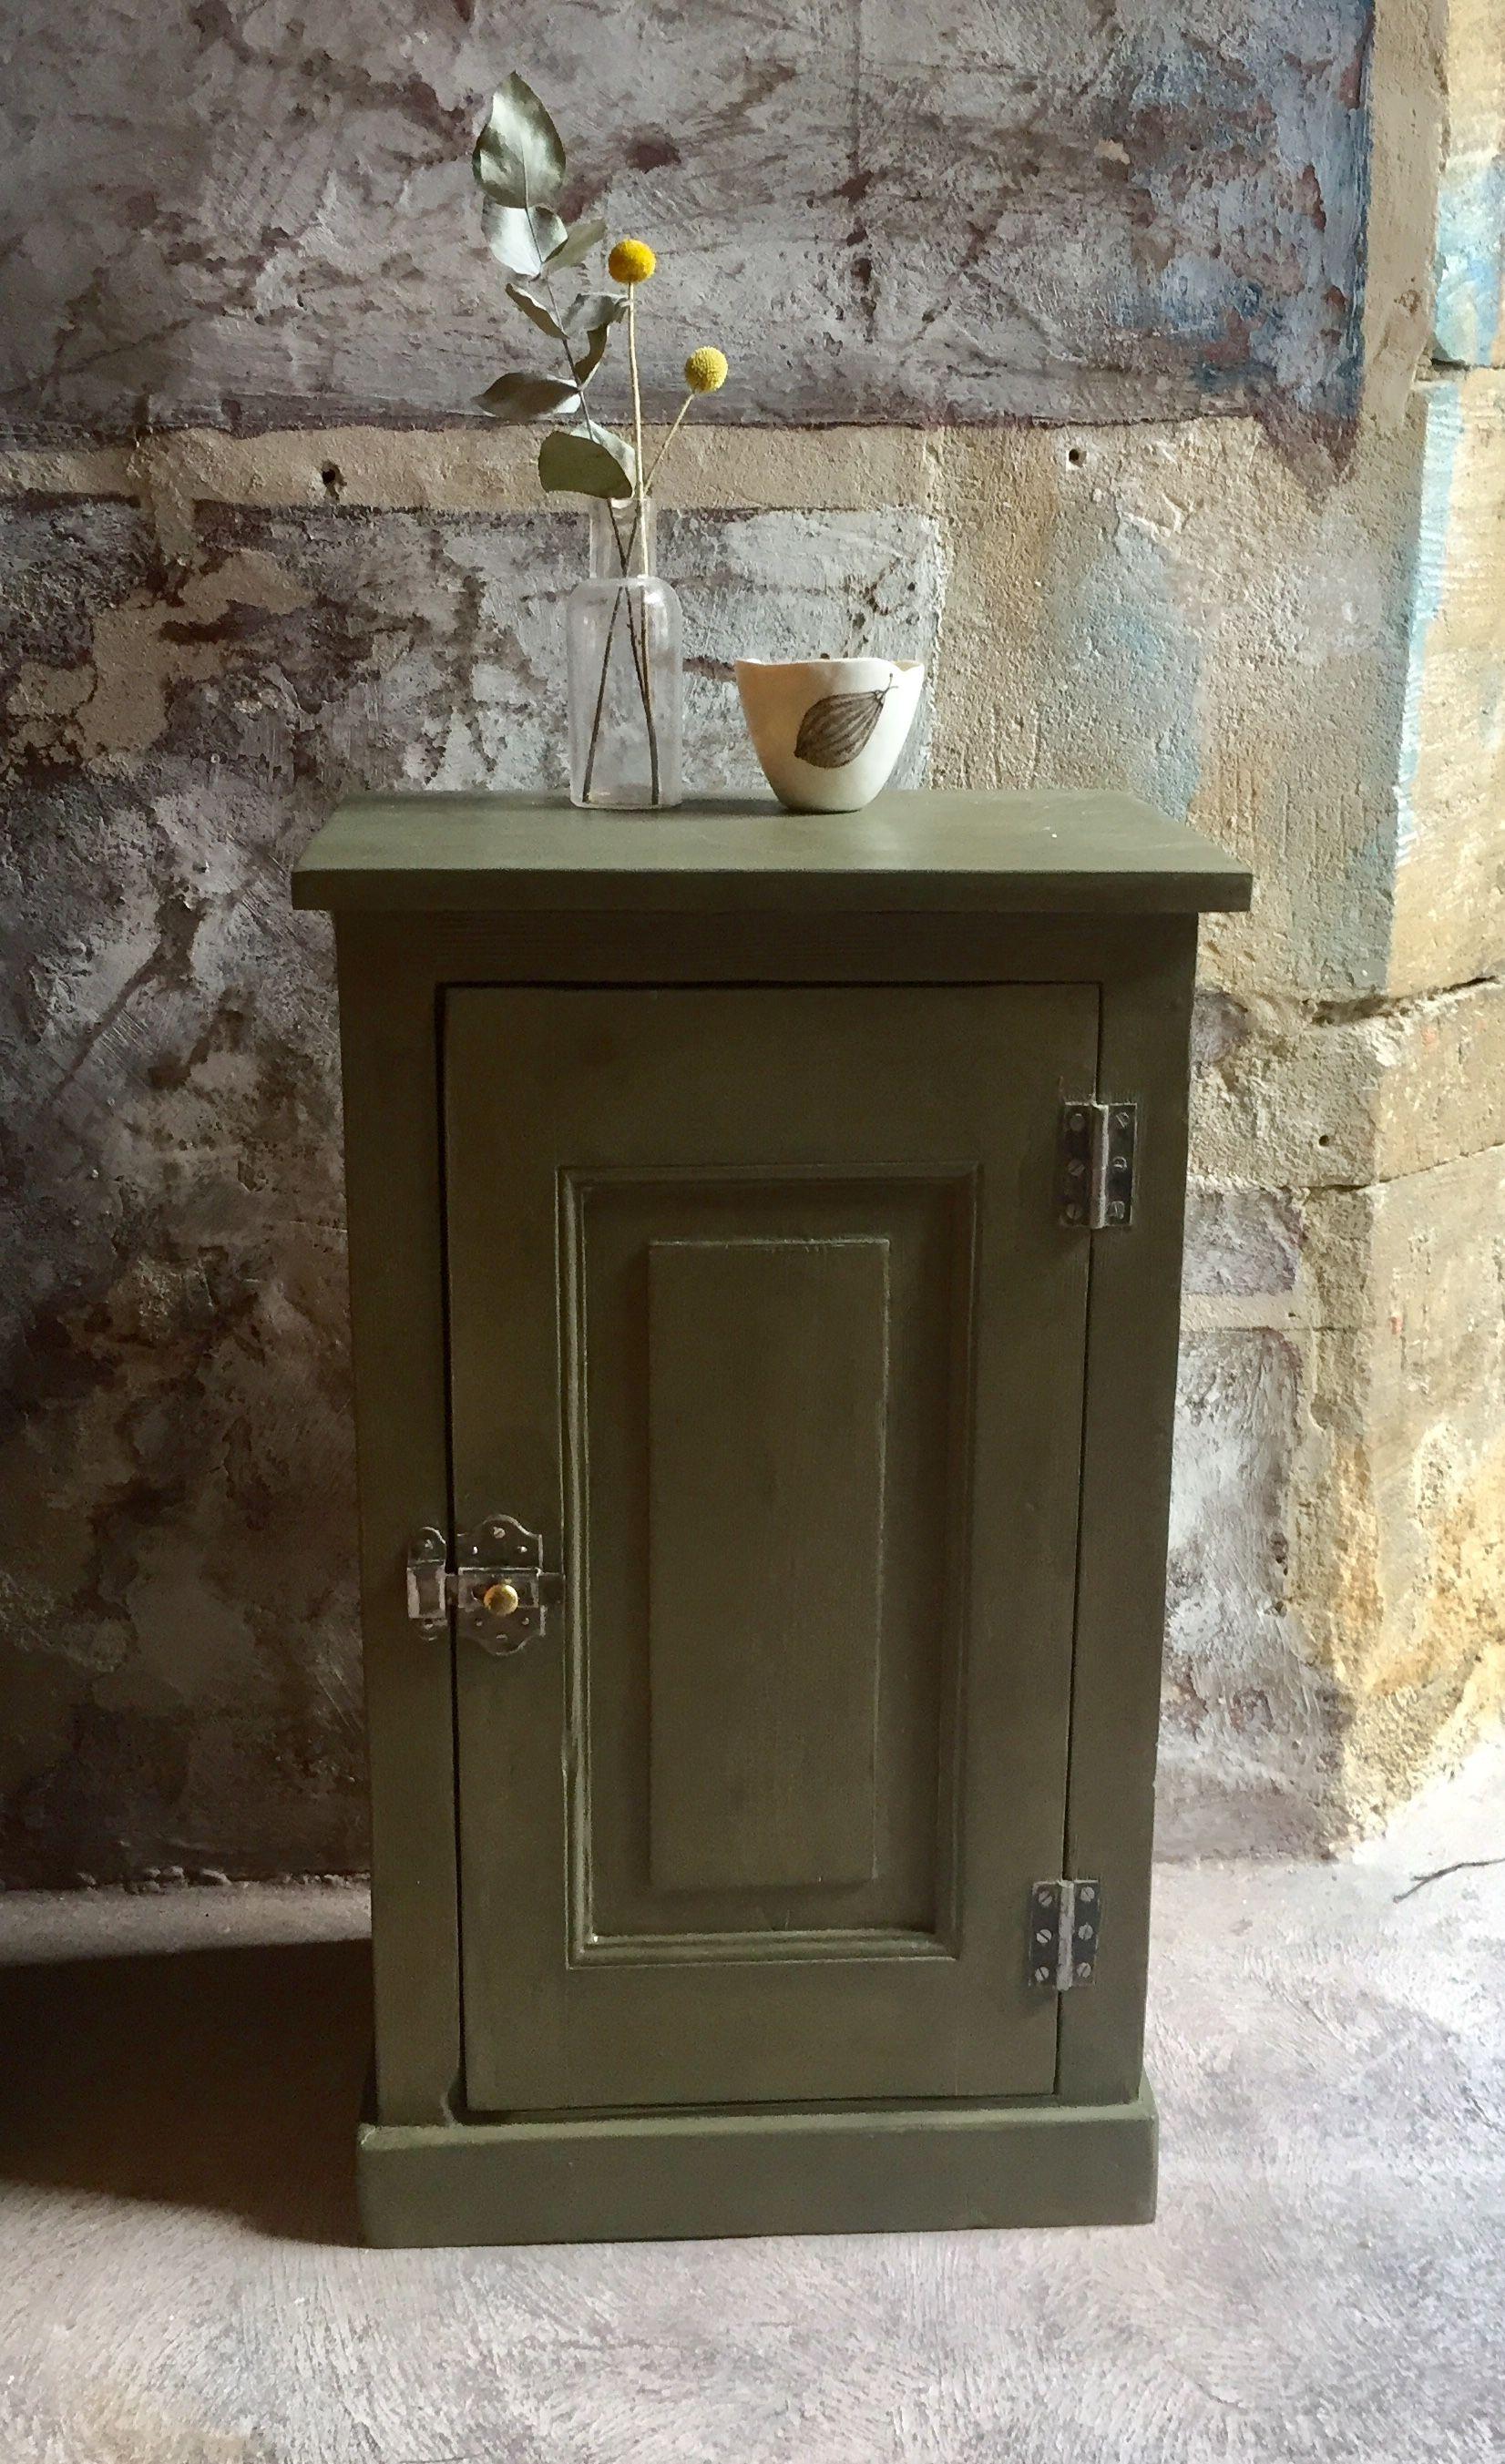 Meuble D Appoint Ancien Kaki Anniesloan Peinturealacraie Peindresansponcer Banaborose Mobilier De Salon Meuble De Metier Meuble Vintage